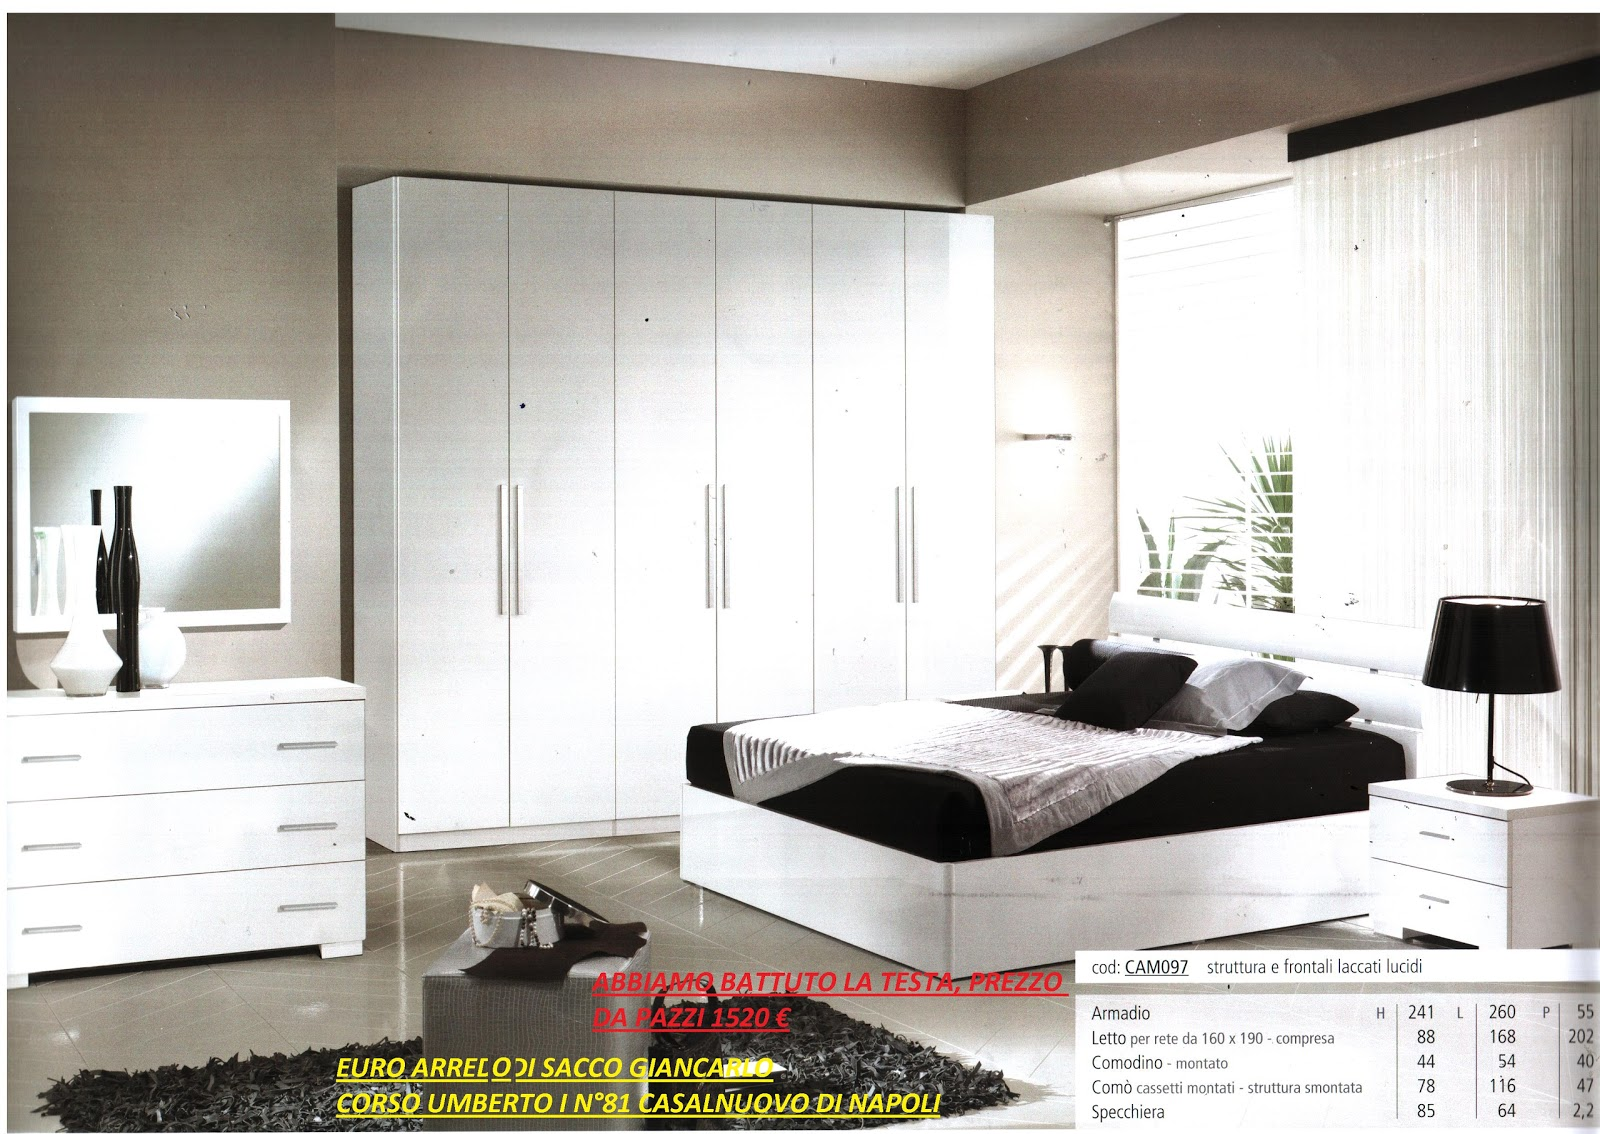 Camerette Ikea Prezzi E Foto.Camere Da Letto Economiche Ikea Prezzi Camerette Ikea A Ponte